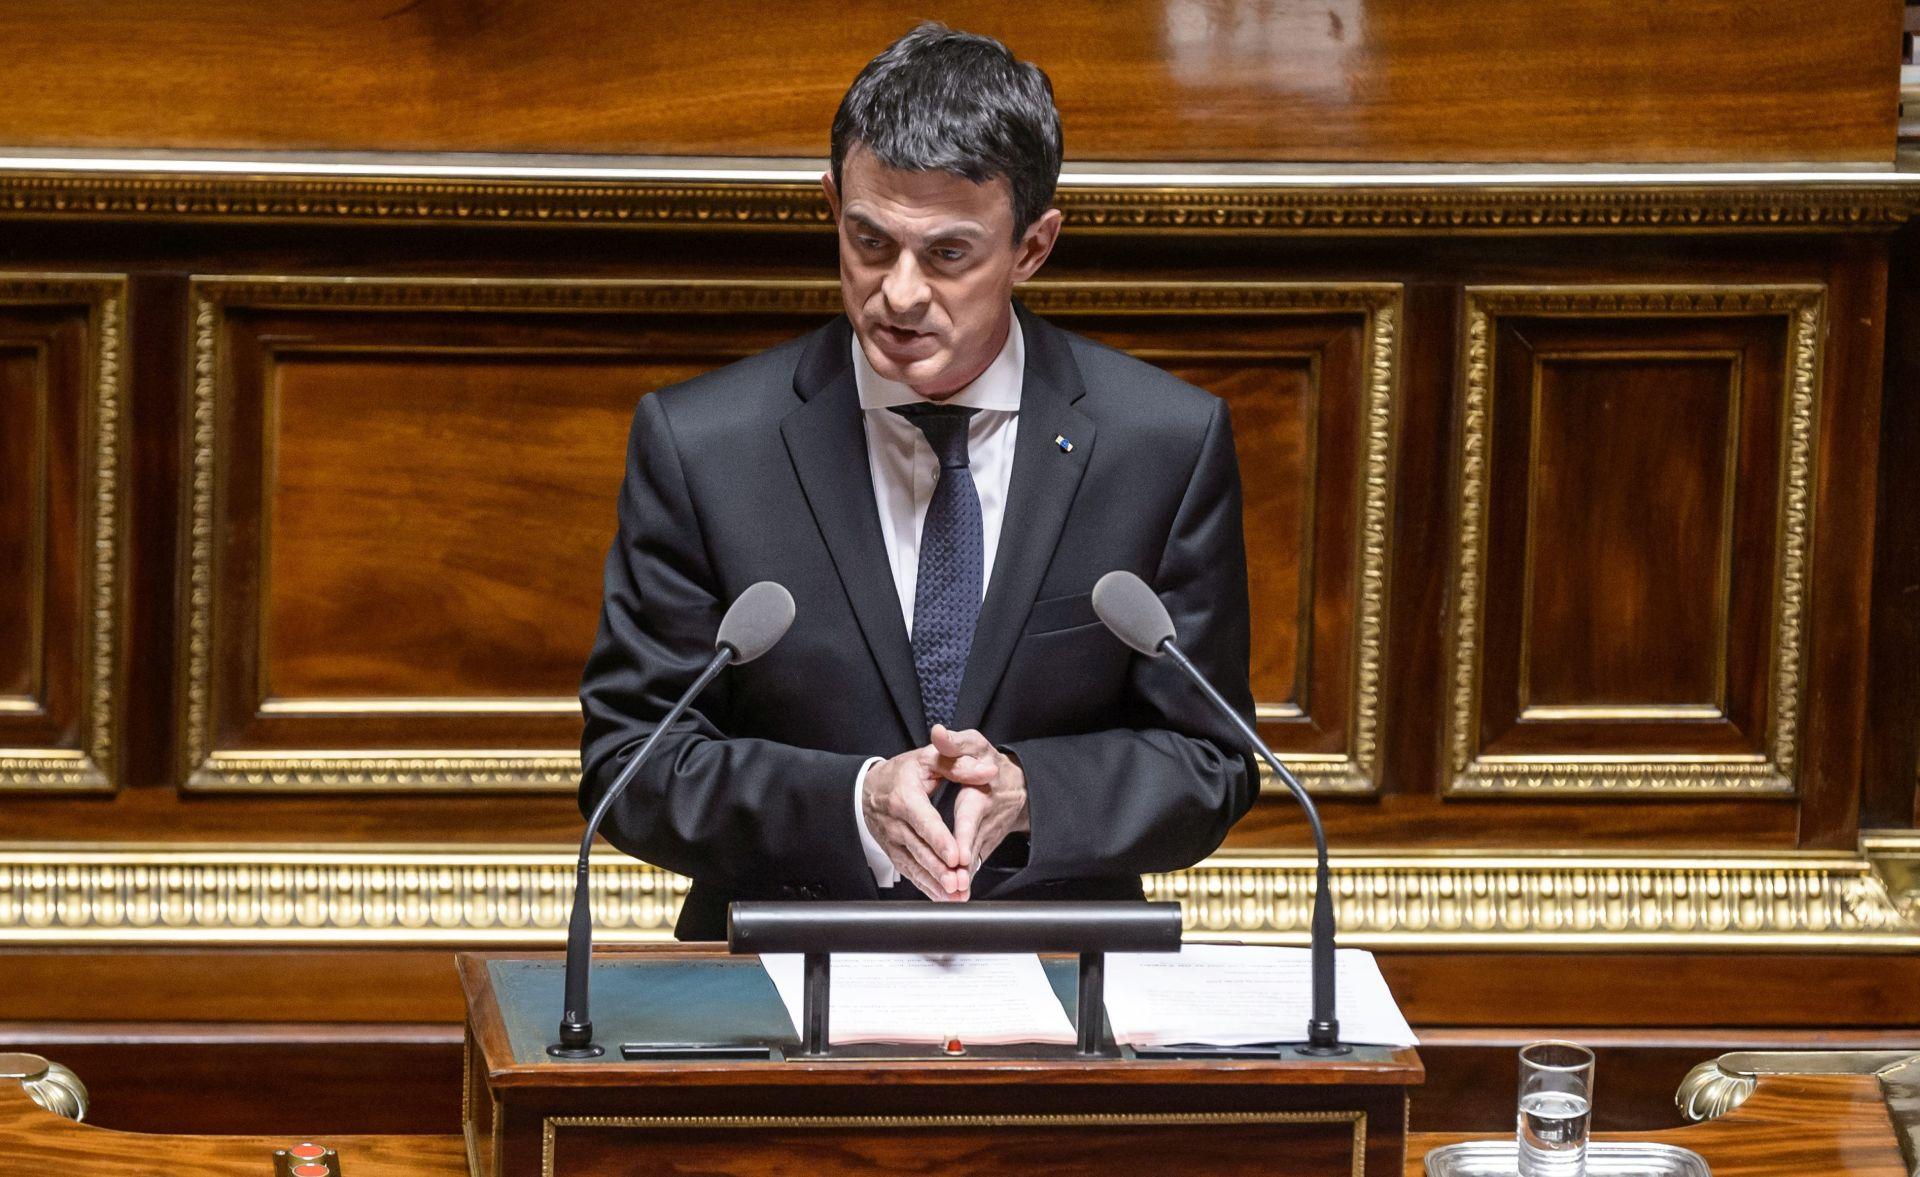 ZAUSTAVLJANJE NACIONALNE FRONTE: Valls poziva na glasanje za desni centar u 3 regije